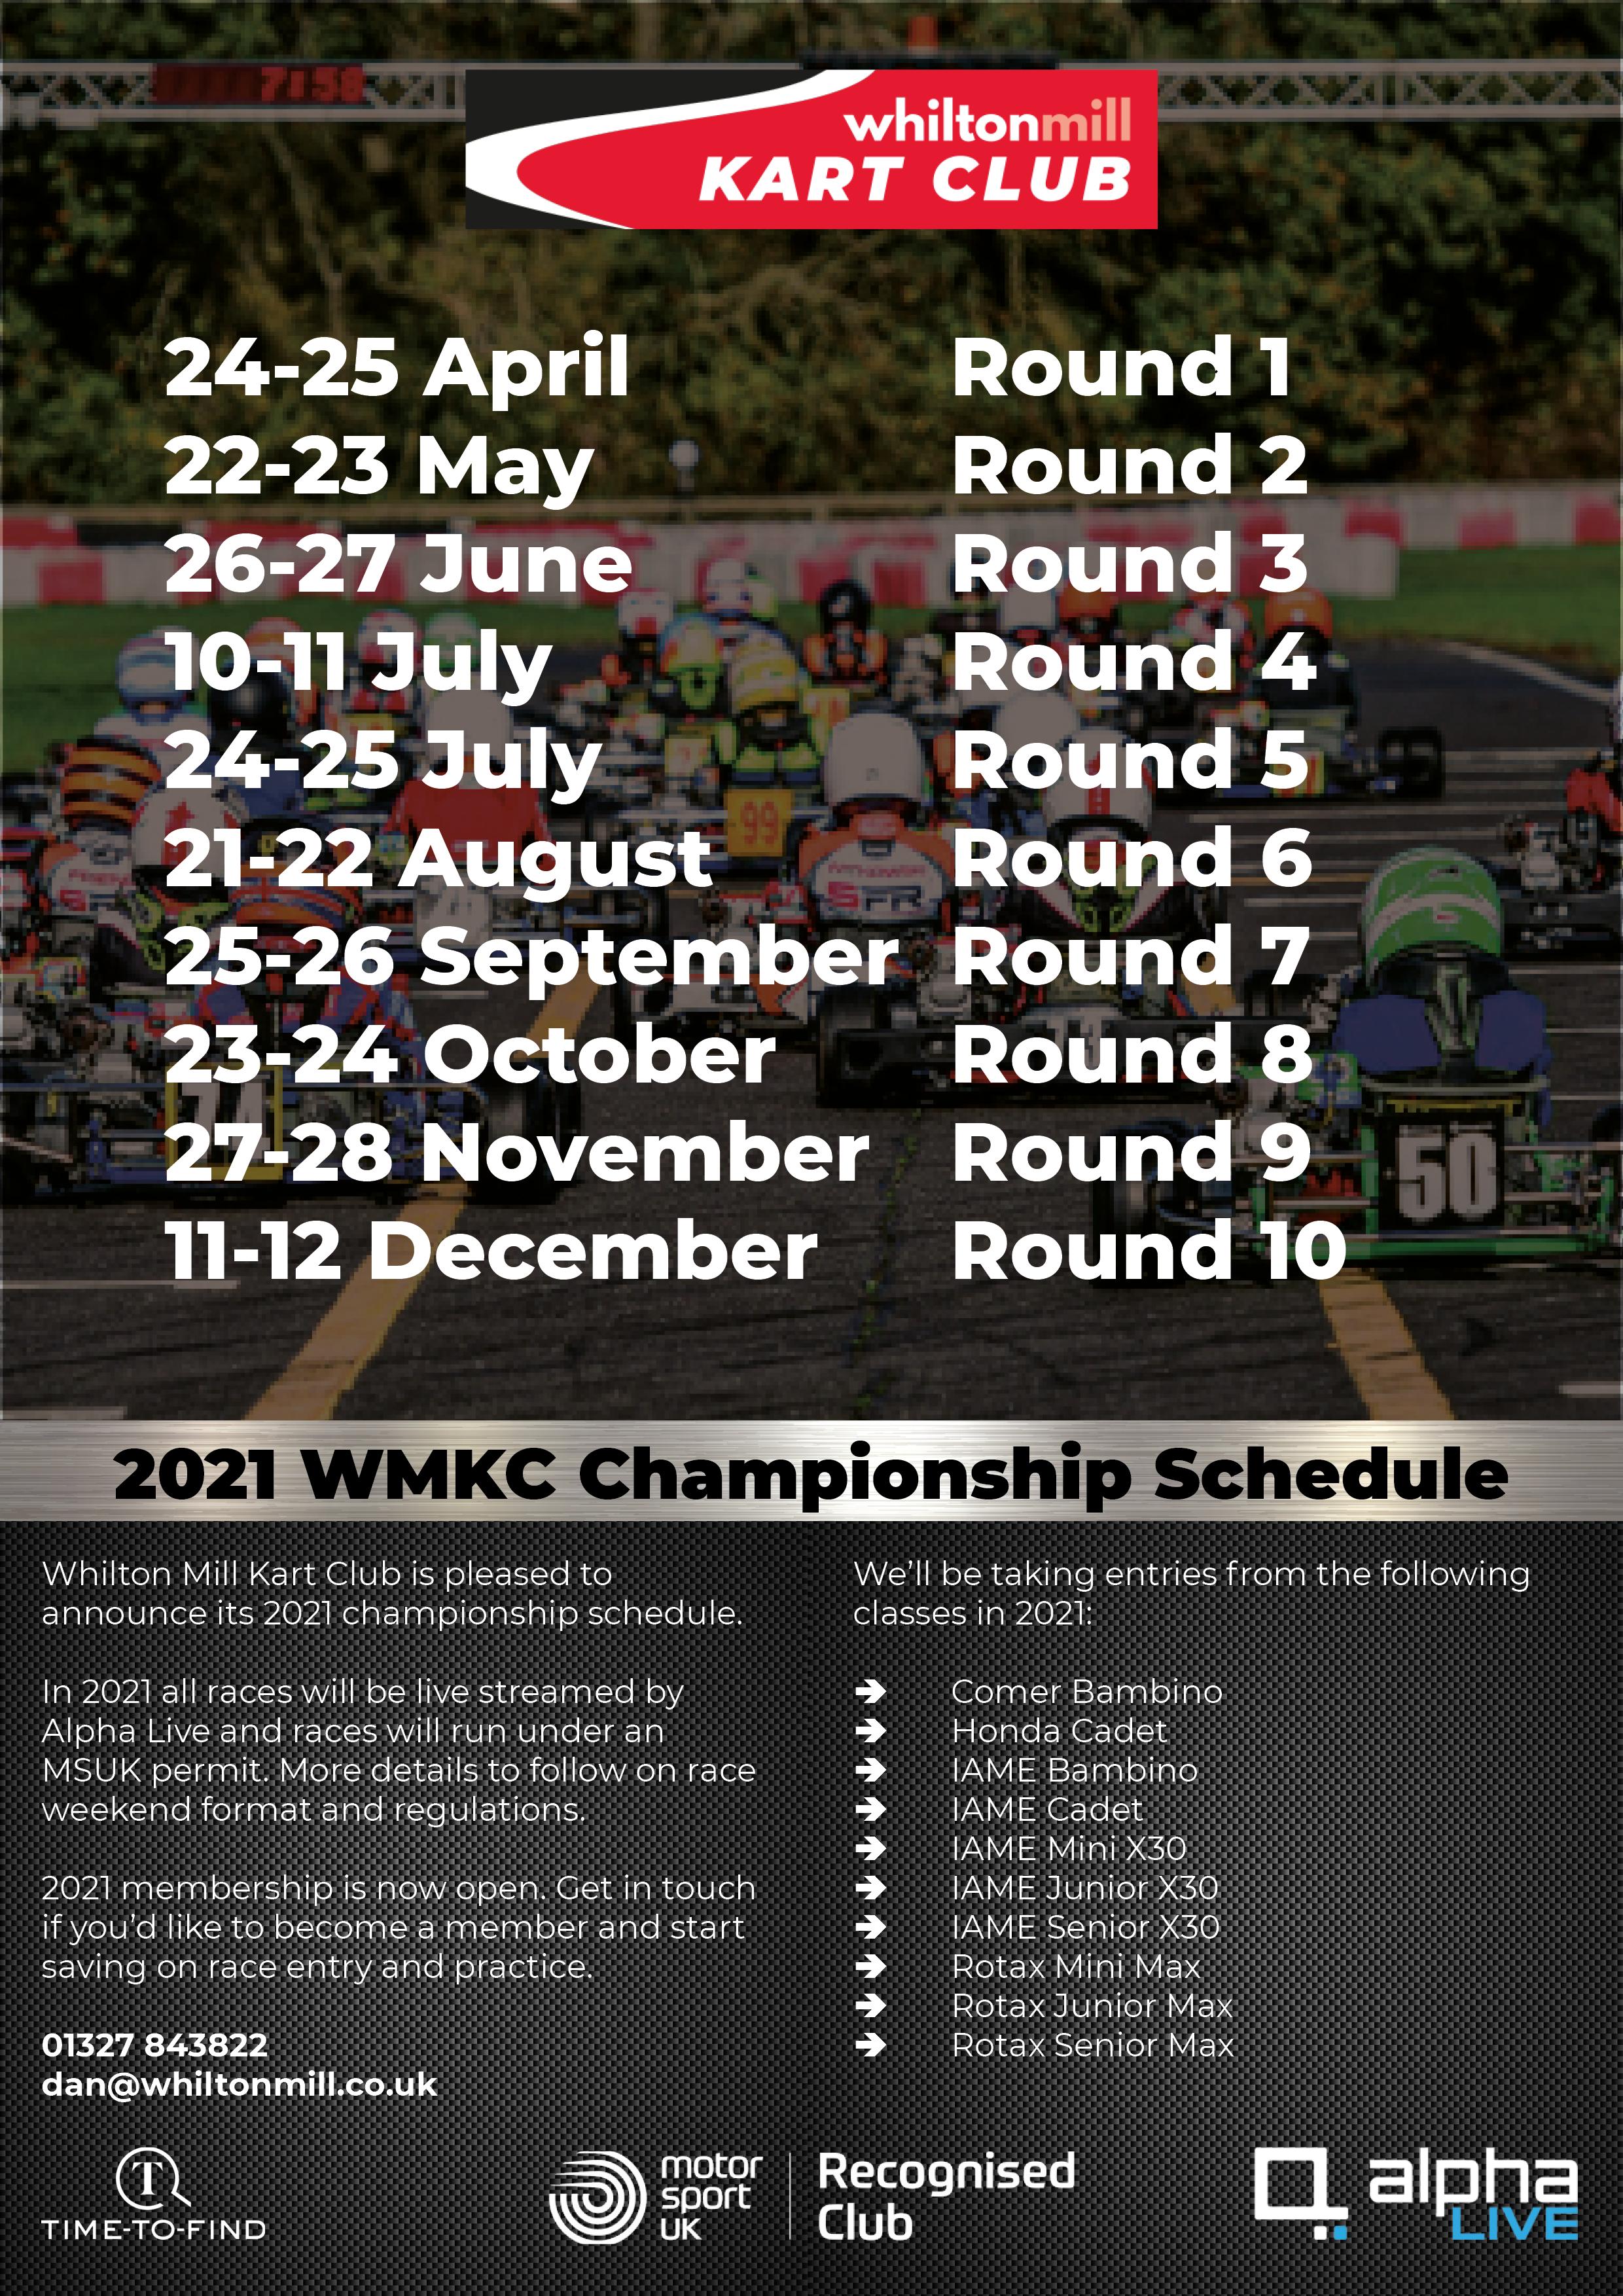 WMKC 2021 Championship Schedule